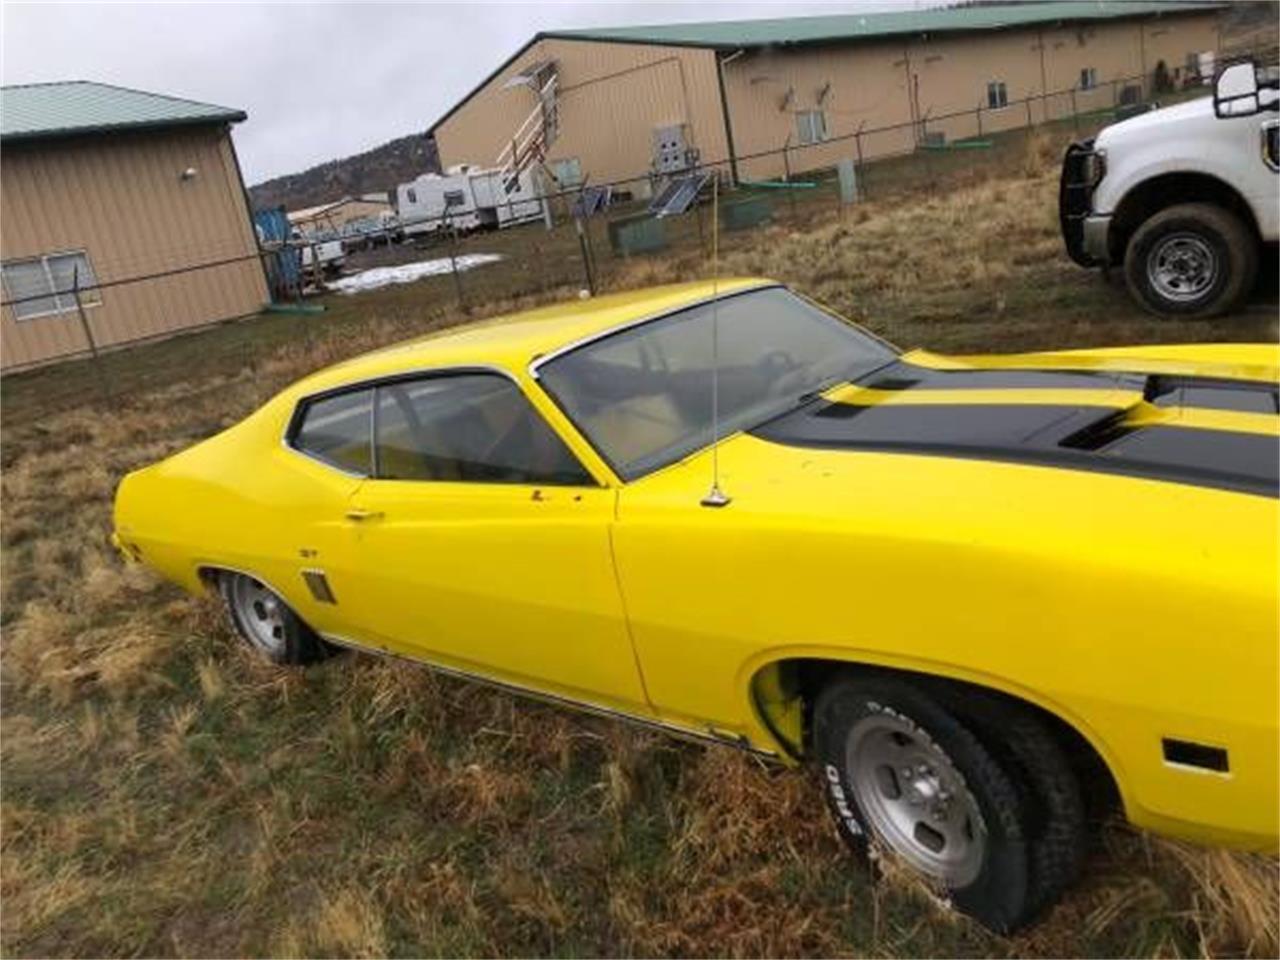 1970 ford gran torino for sale classiccars com cc 1174782large picture of \u002770 gran torino p6gu